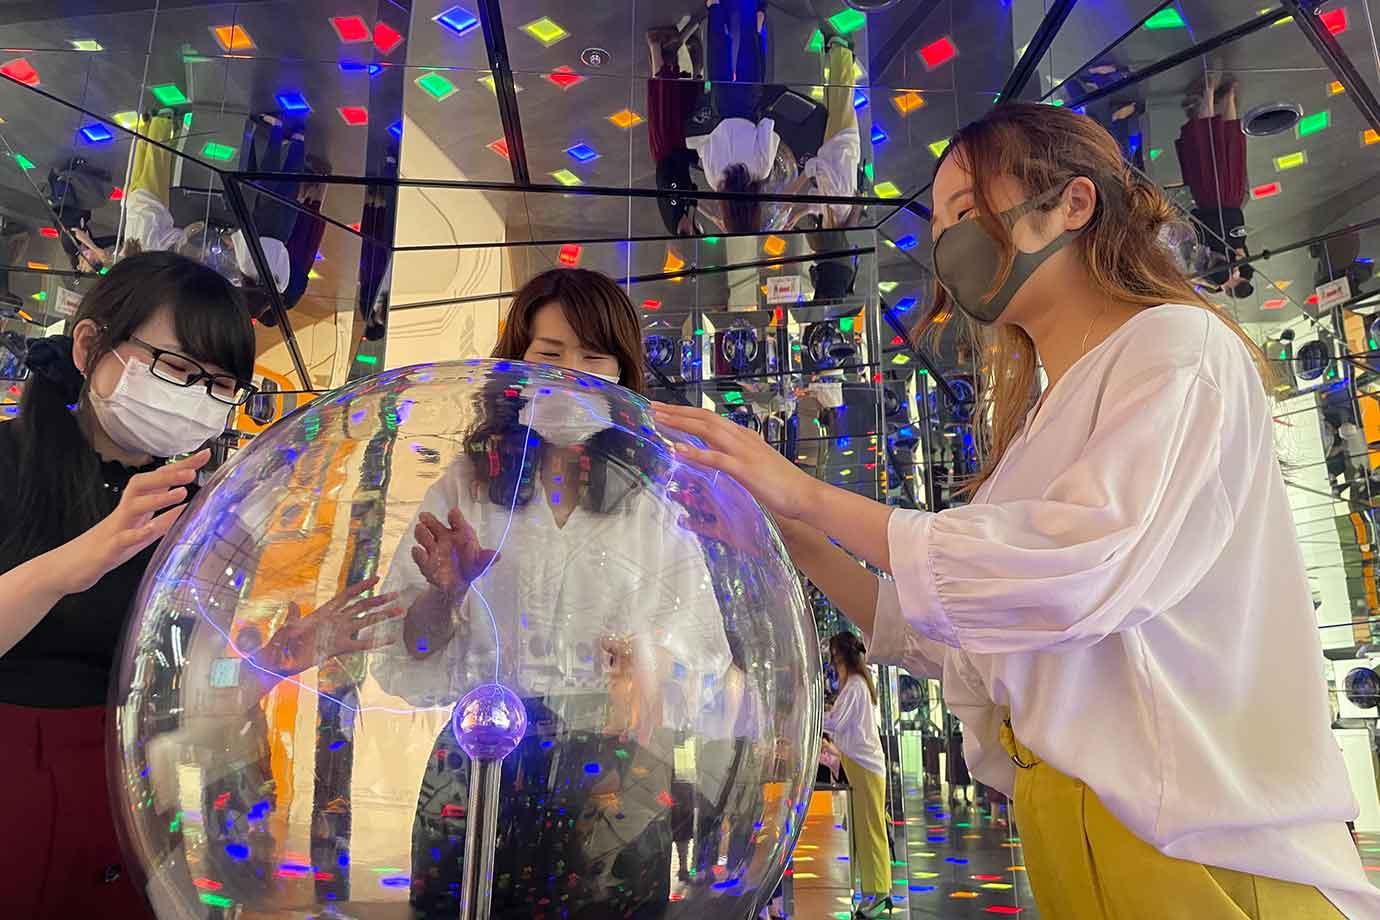 鏡が張り廻らされた空間の真ん中には、透明なプラズマボールが置かれており、手を触れると光の筋が集まります